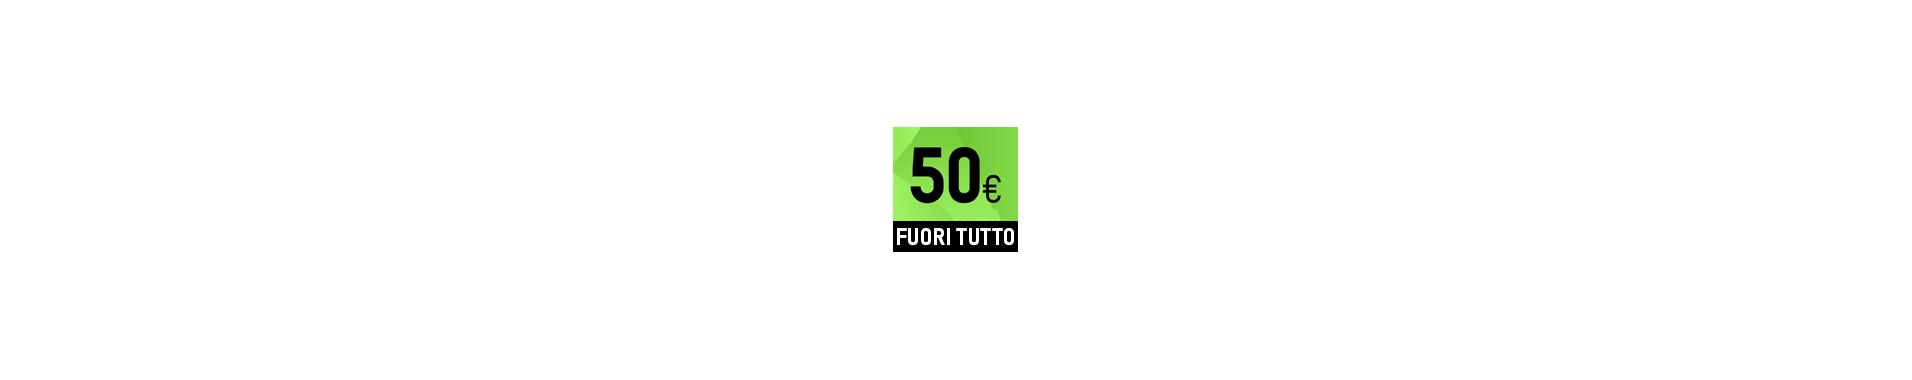 FUORI TUTTO A € 50